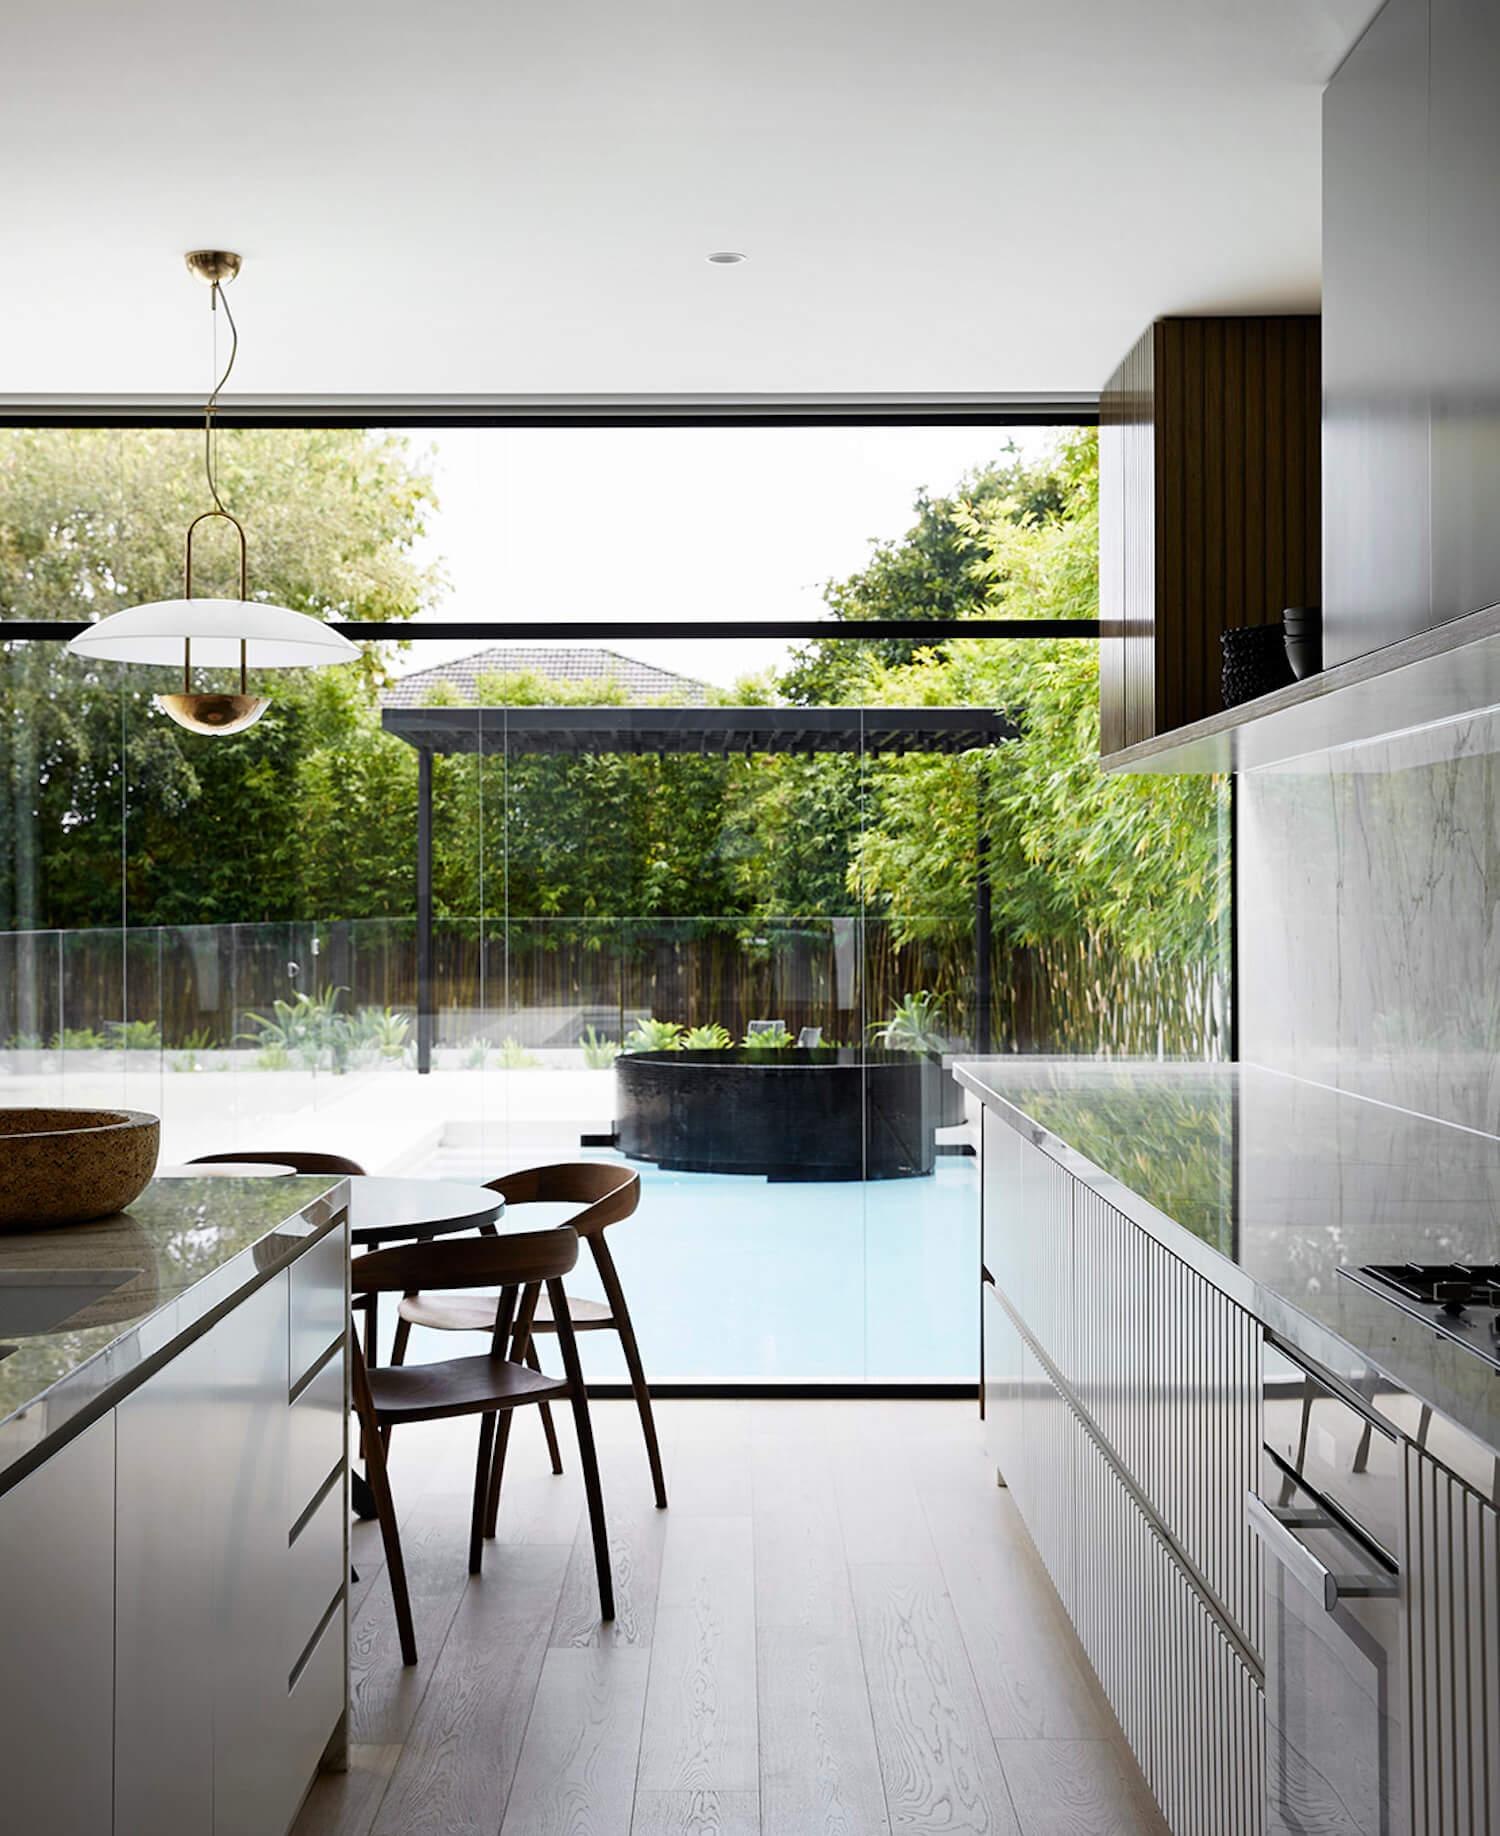 est living mim design caulfield home sharyn cairns 11